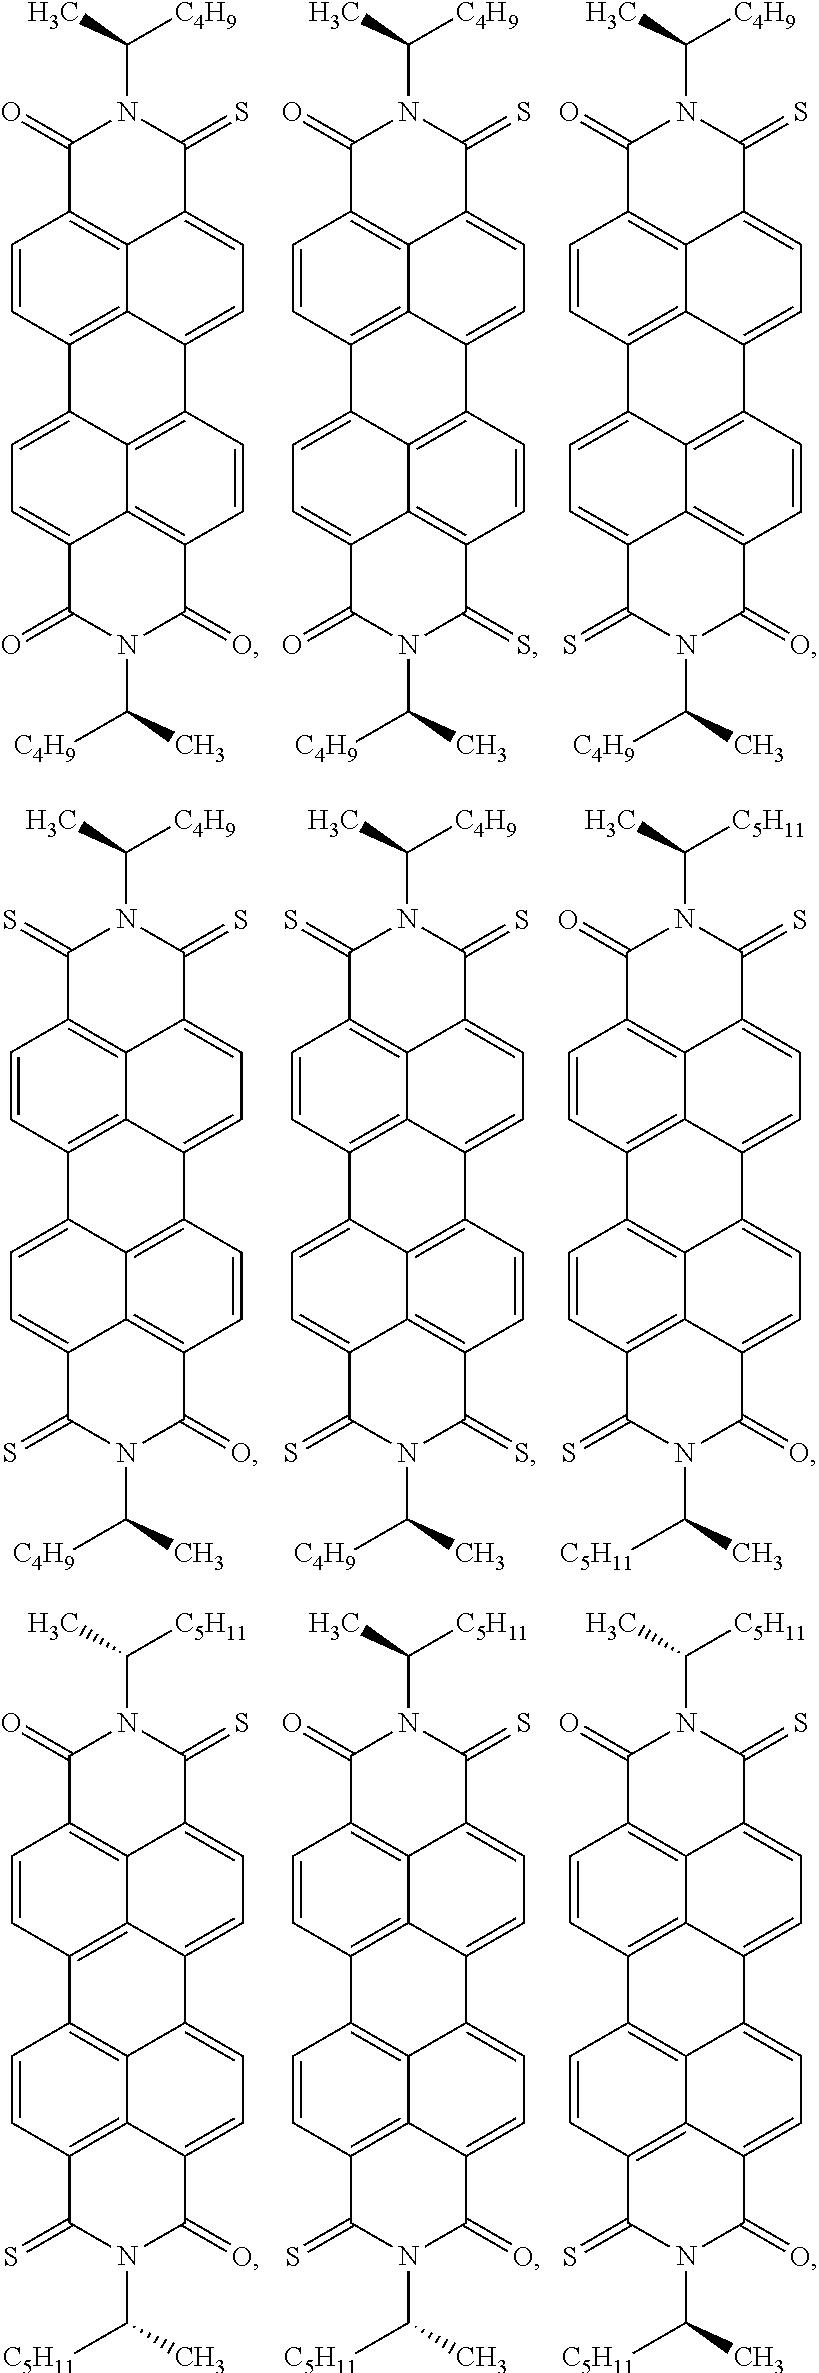 Figure US08440828-20130514-C00087